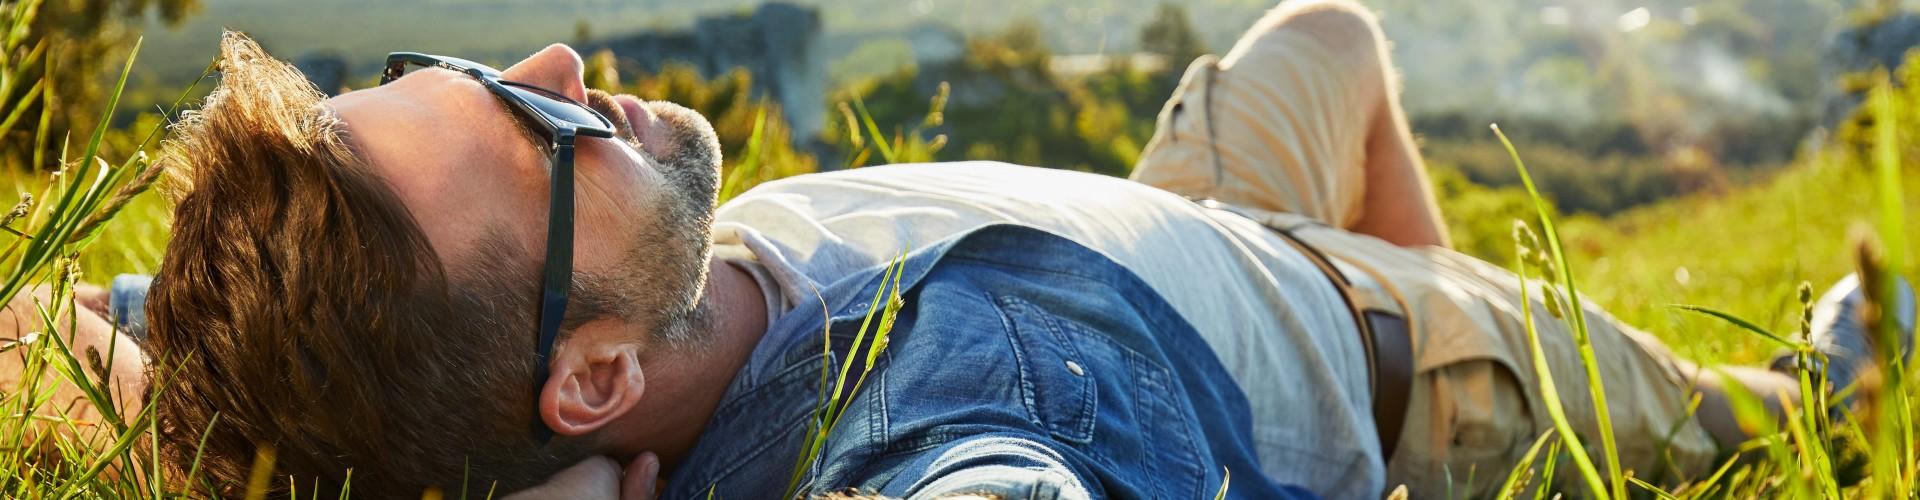 Hulp bij stress, overspannenheid en burn-out! | Marvindereuver.nl